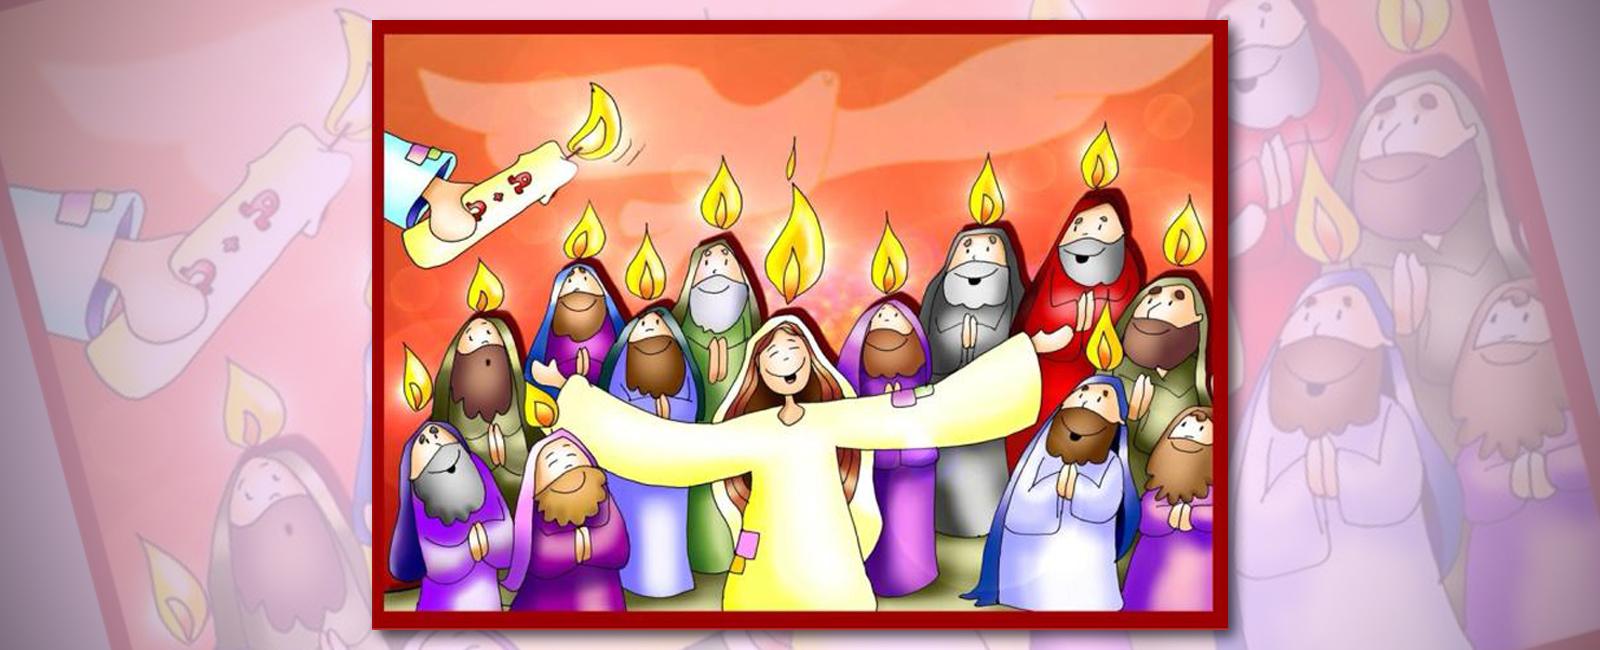 Parroquia El Altet - Evangelio Domingo de Pentecostés 2019